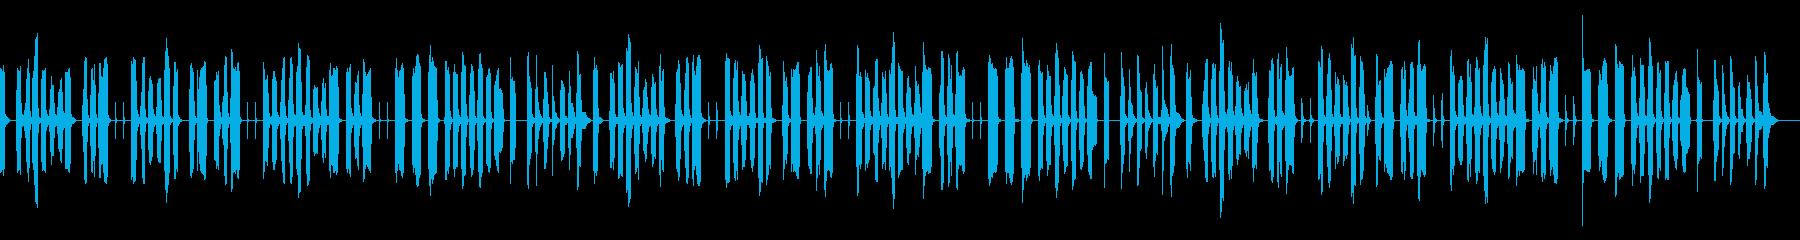 のんびりお遊戯ソング1〜どんぐりころころの再生済みの波形